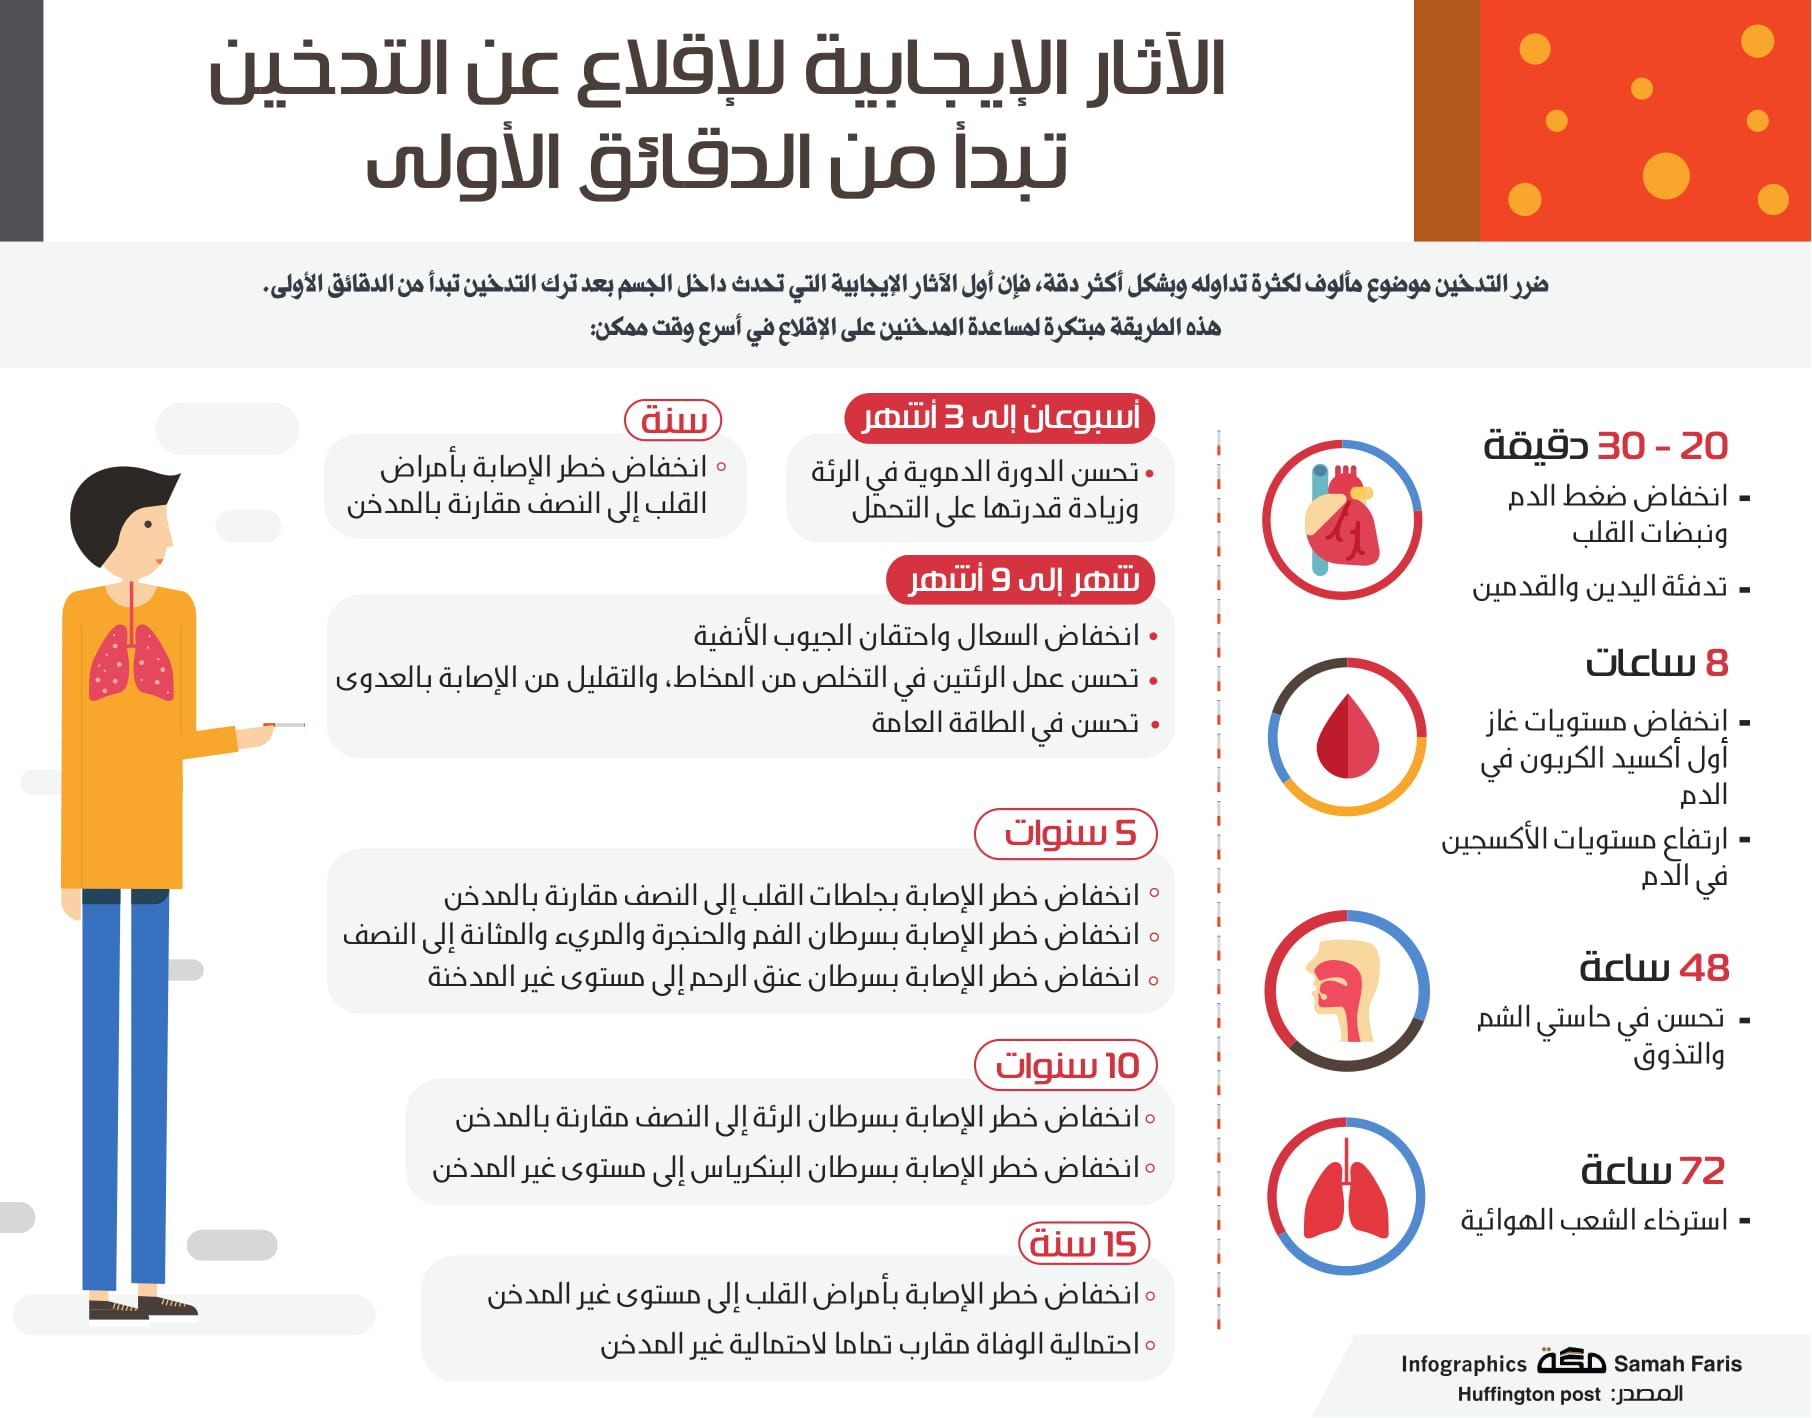 الآثار الايجابية لللإقلاع عن التدخين تبدأ من الدقائق الأولى صحيفة مكة انفوجرافيك صحة Health Advice Health Remedies Health